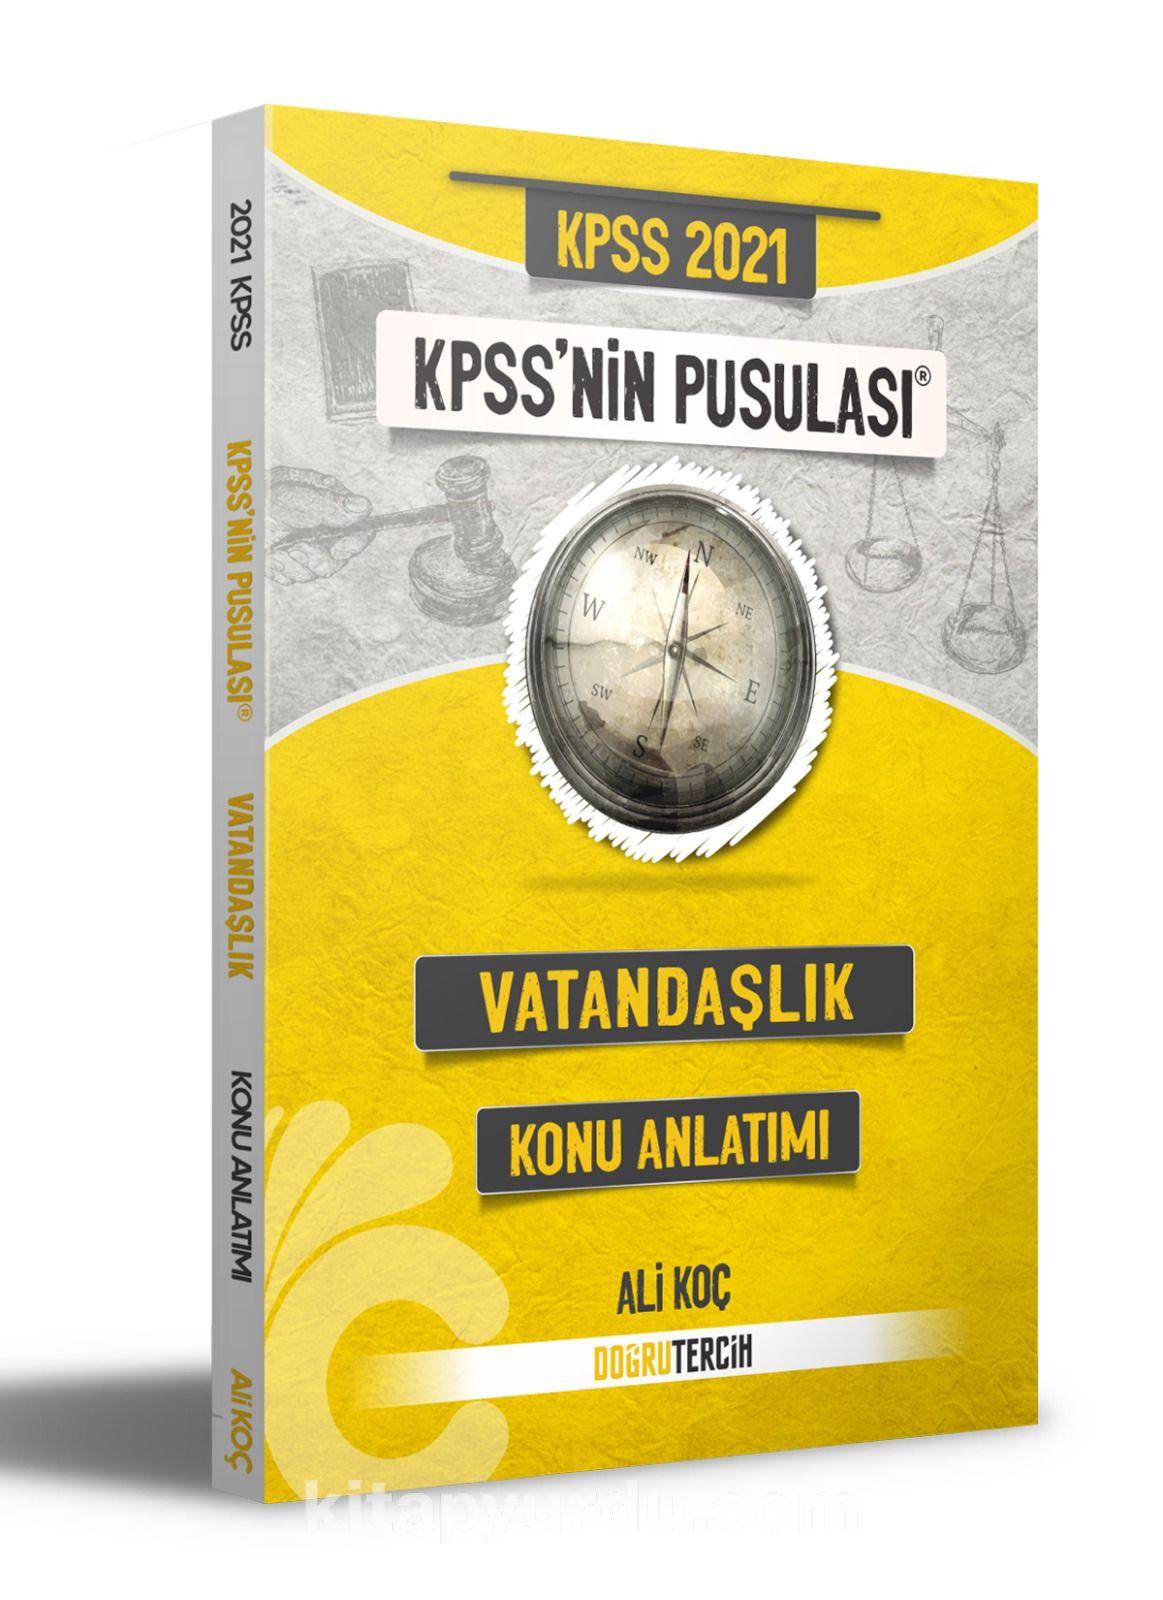 2021 KPSS'nin Pusulası Vatandaşlık Konu Anlatımı PDF Kitap İndir